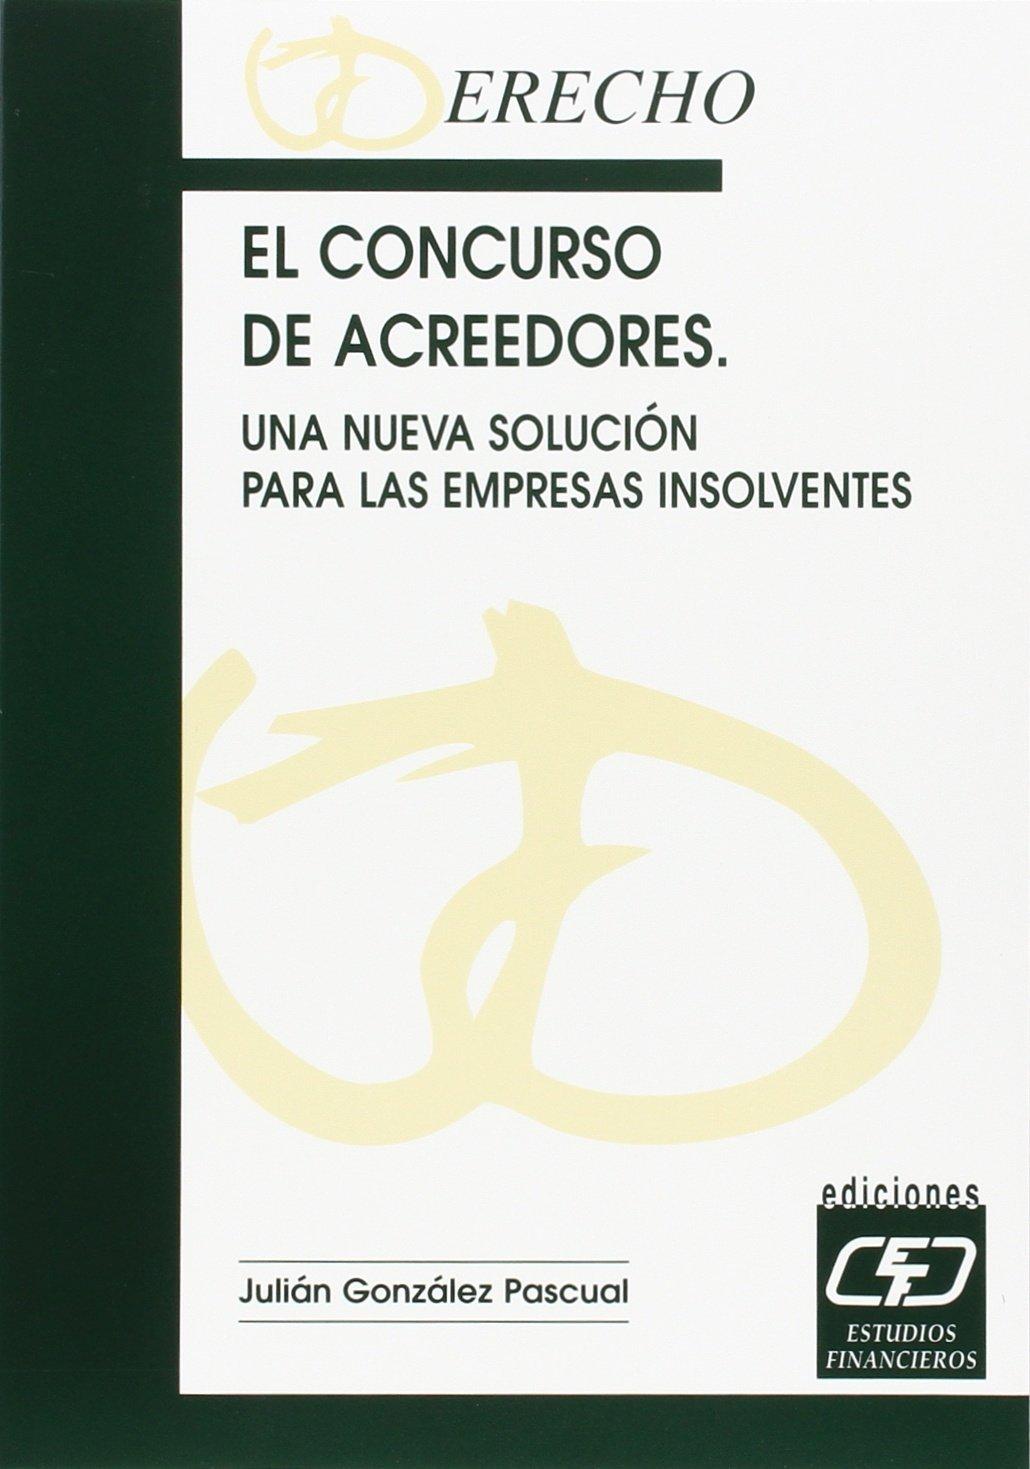 El concurso de acreedores. Una nueva solución para empresas insolventes: Amazon.es: Julián González Pascual: Libros